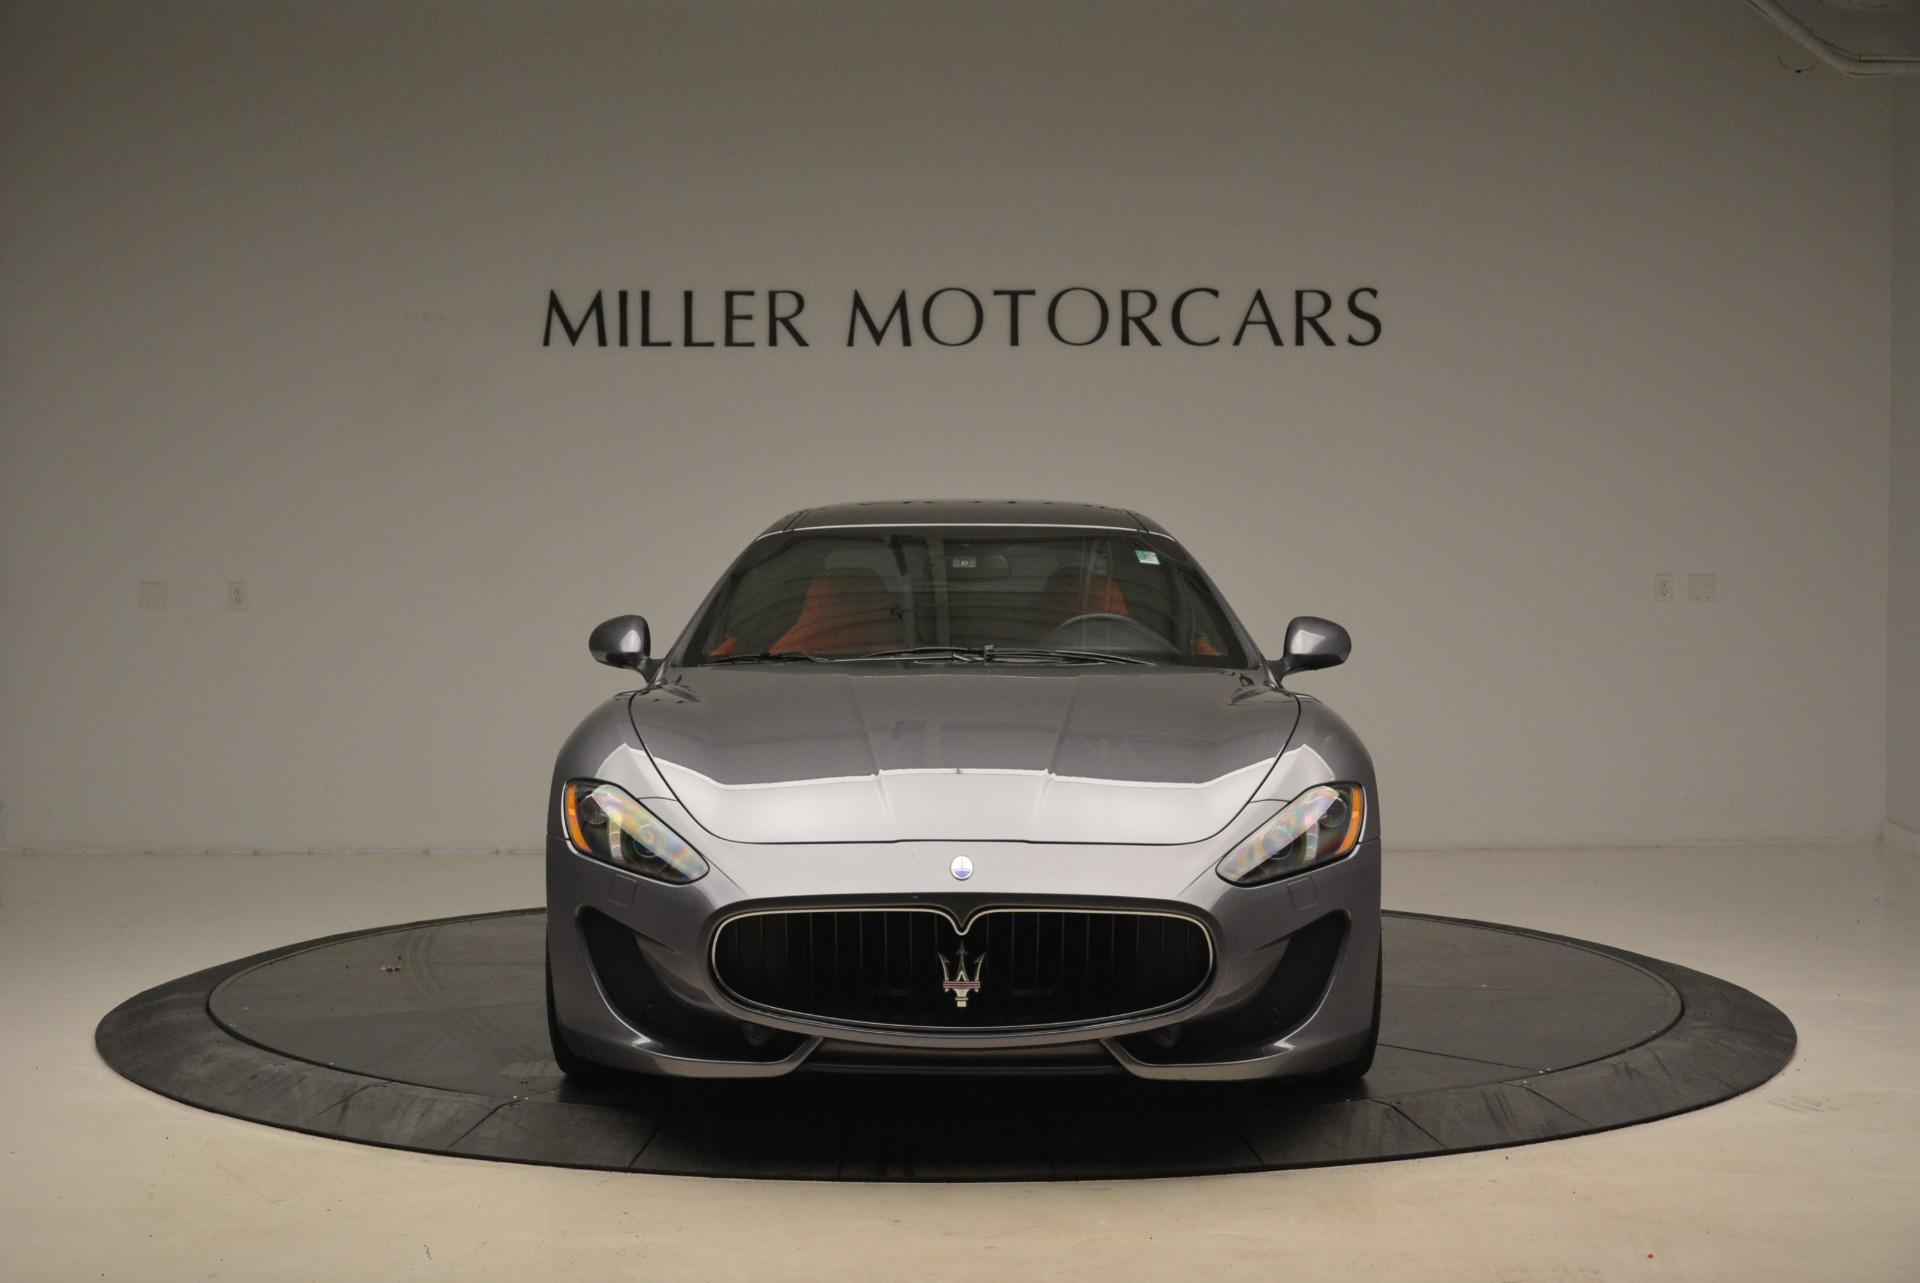 Used 2014 Maserati GranTurismo Sport For Sale In Greenwich, CT 2131_p10